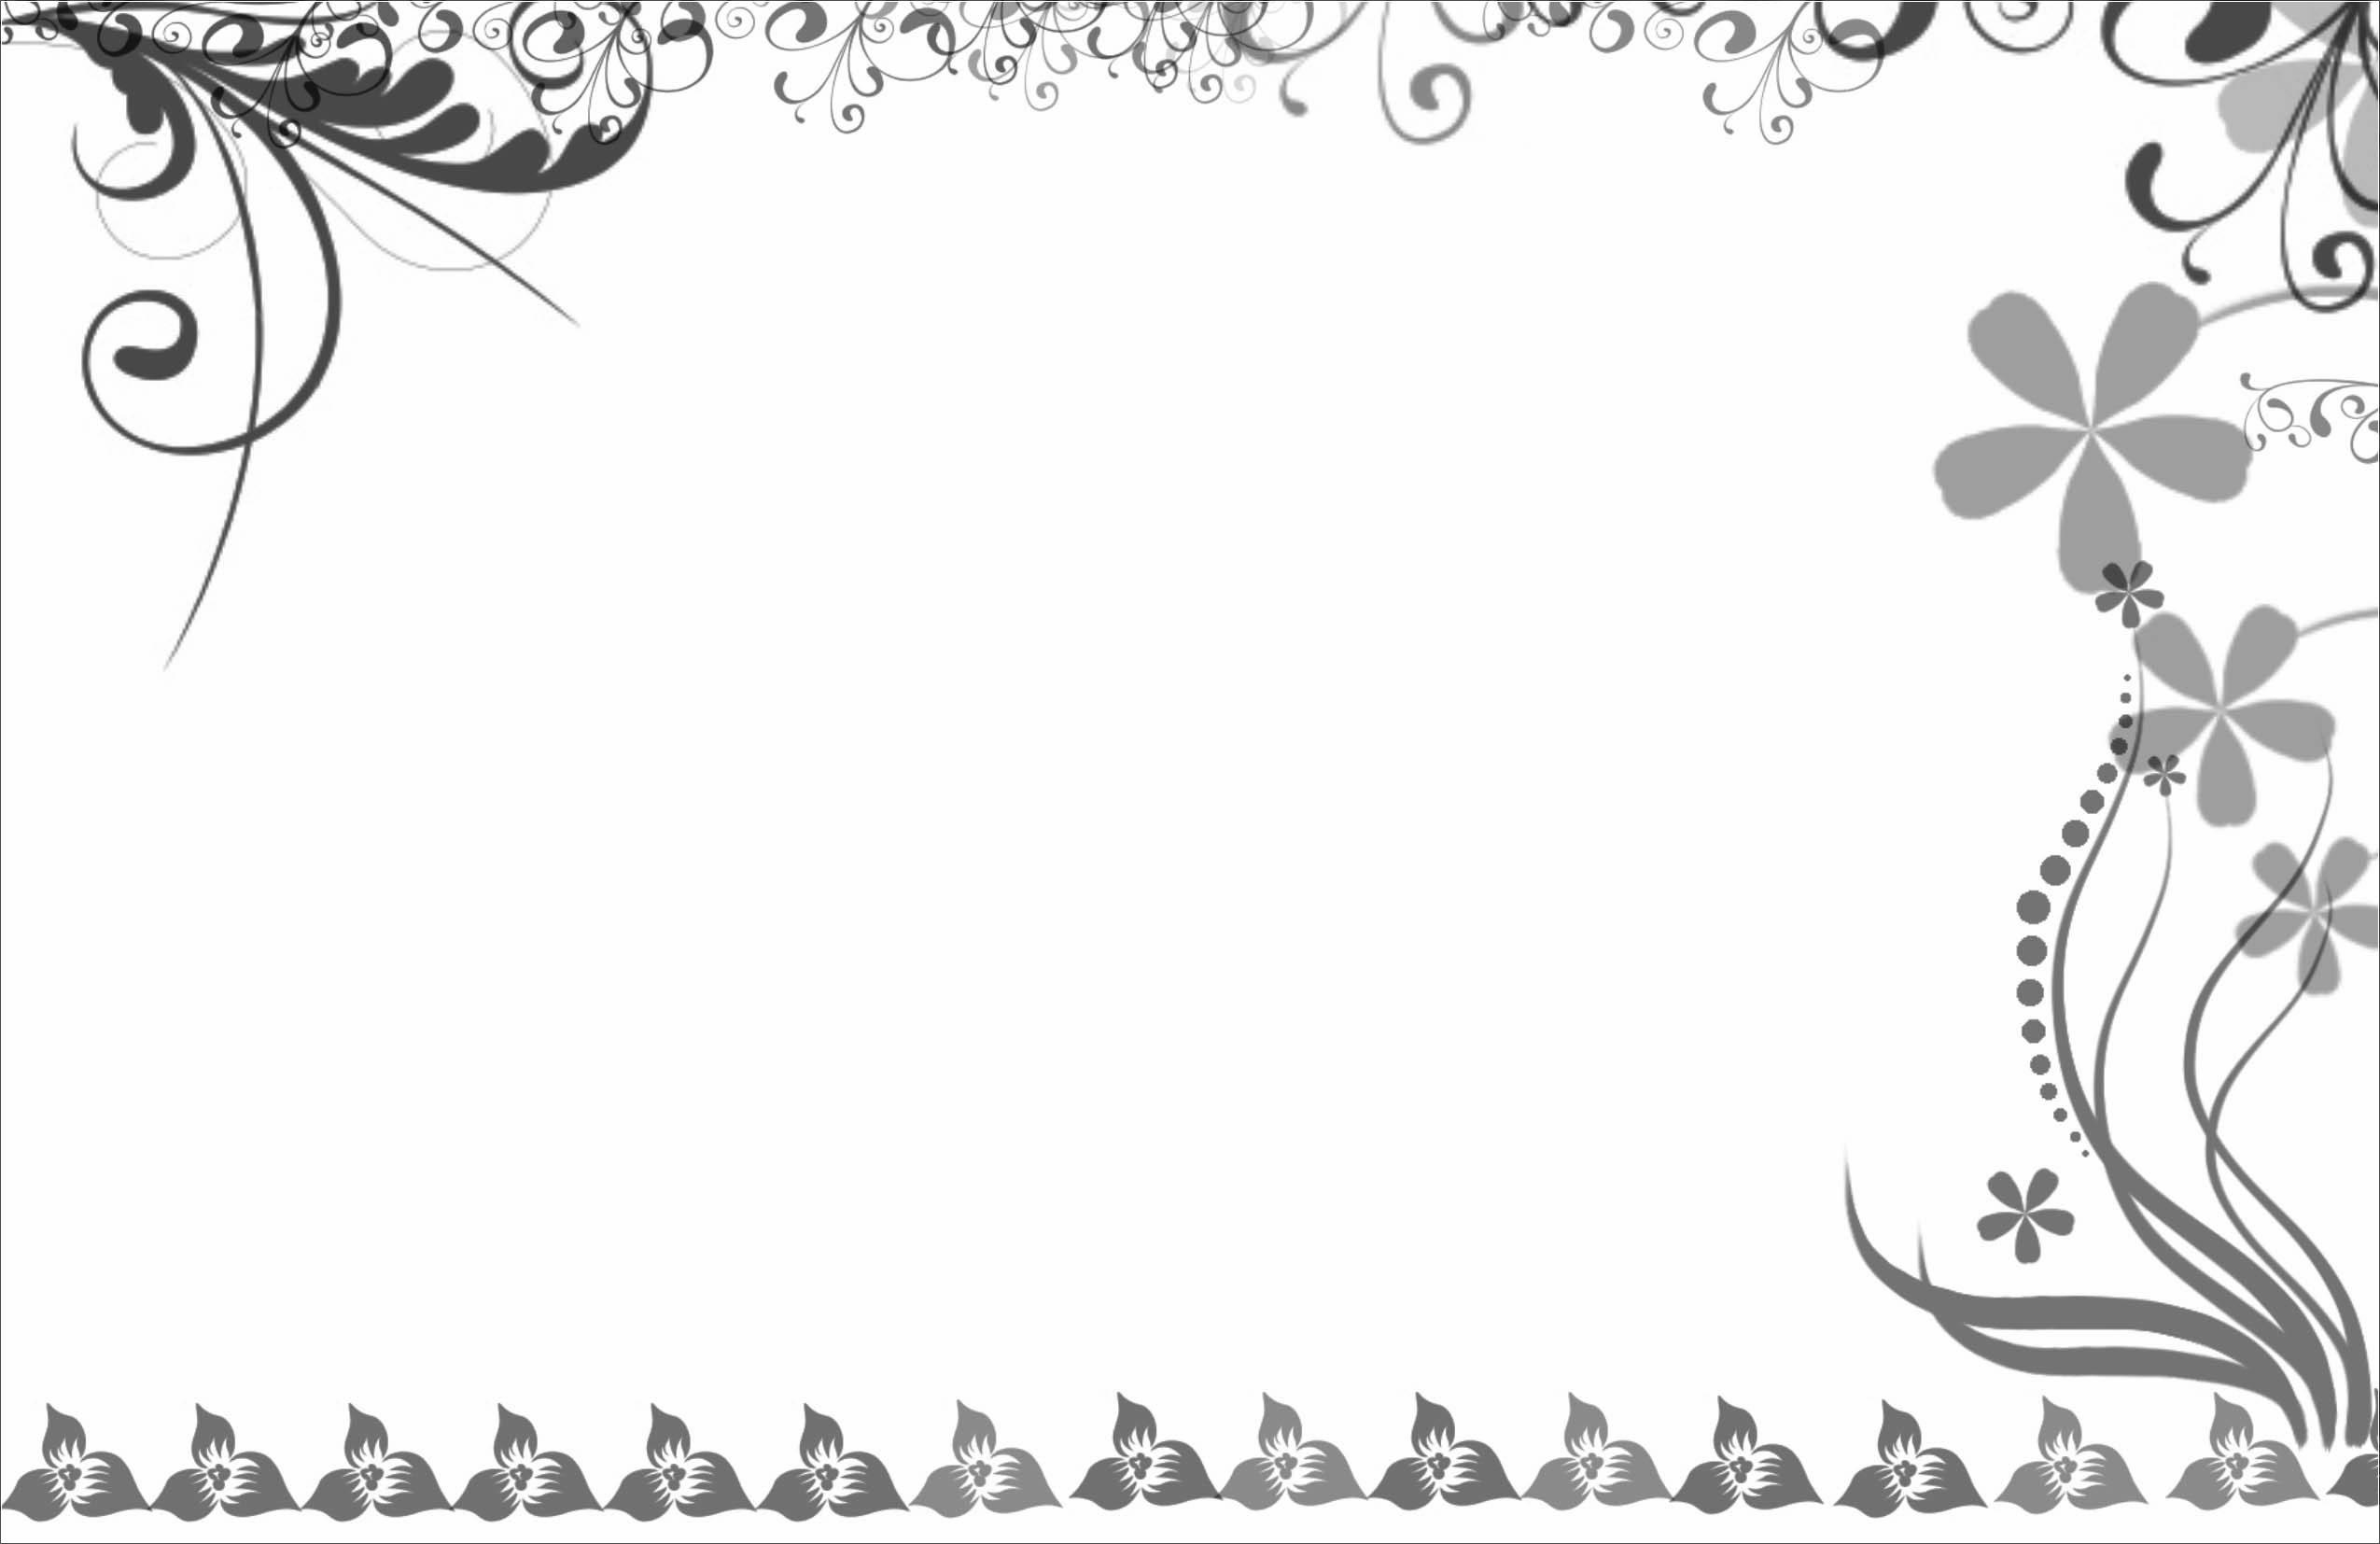 Wedding Card Border Design Vector Png - Clip Art Library